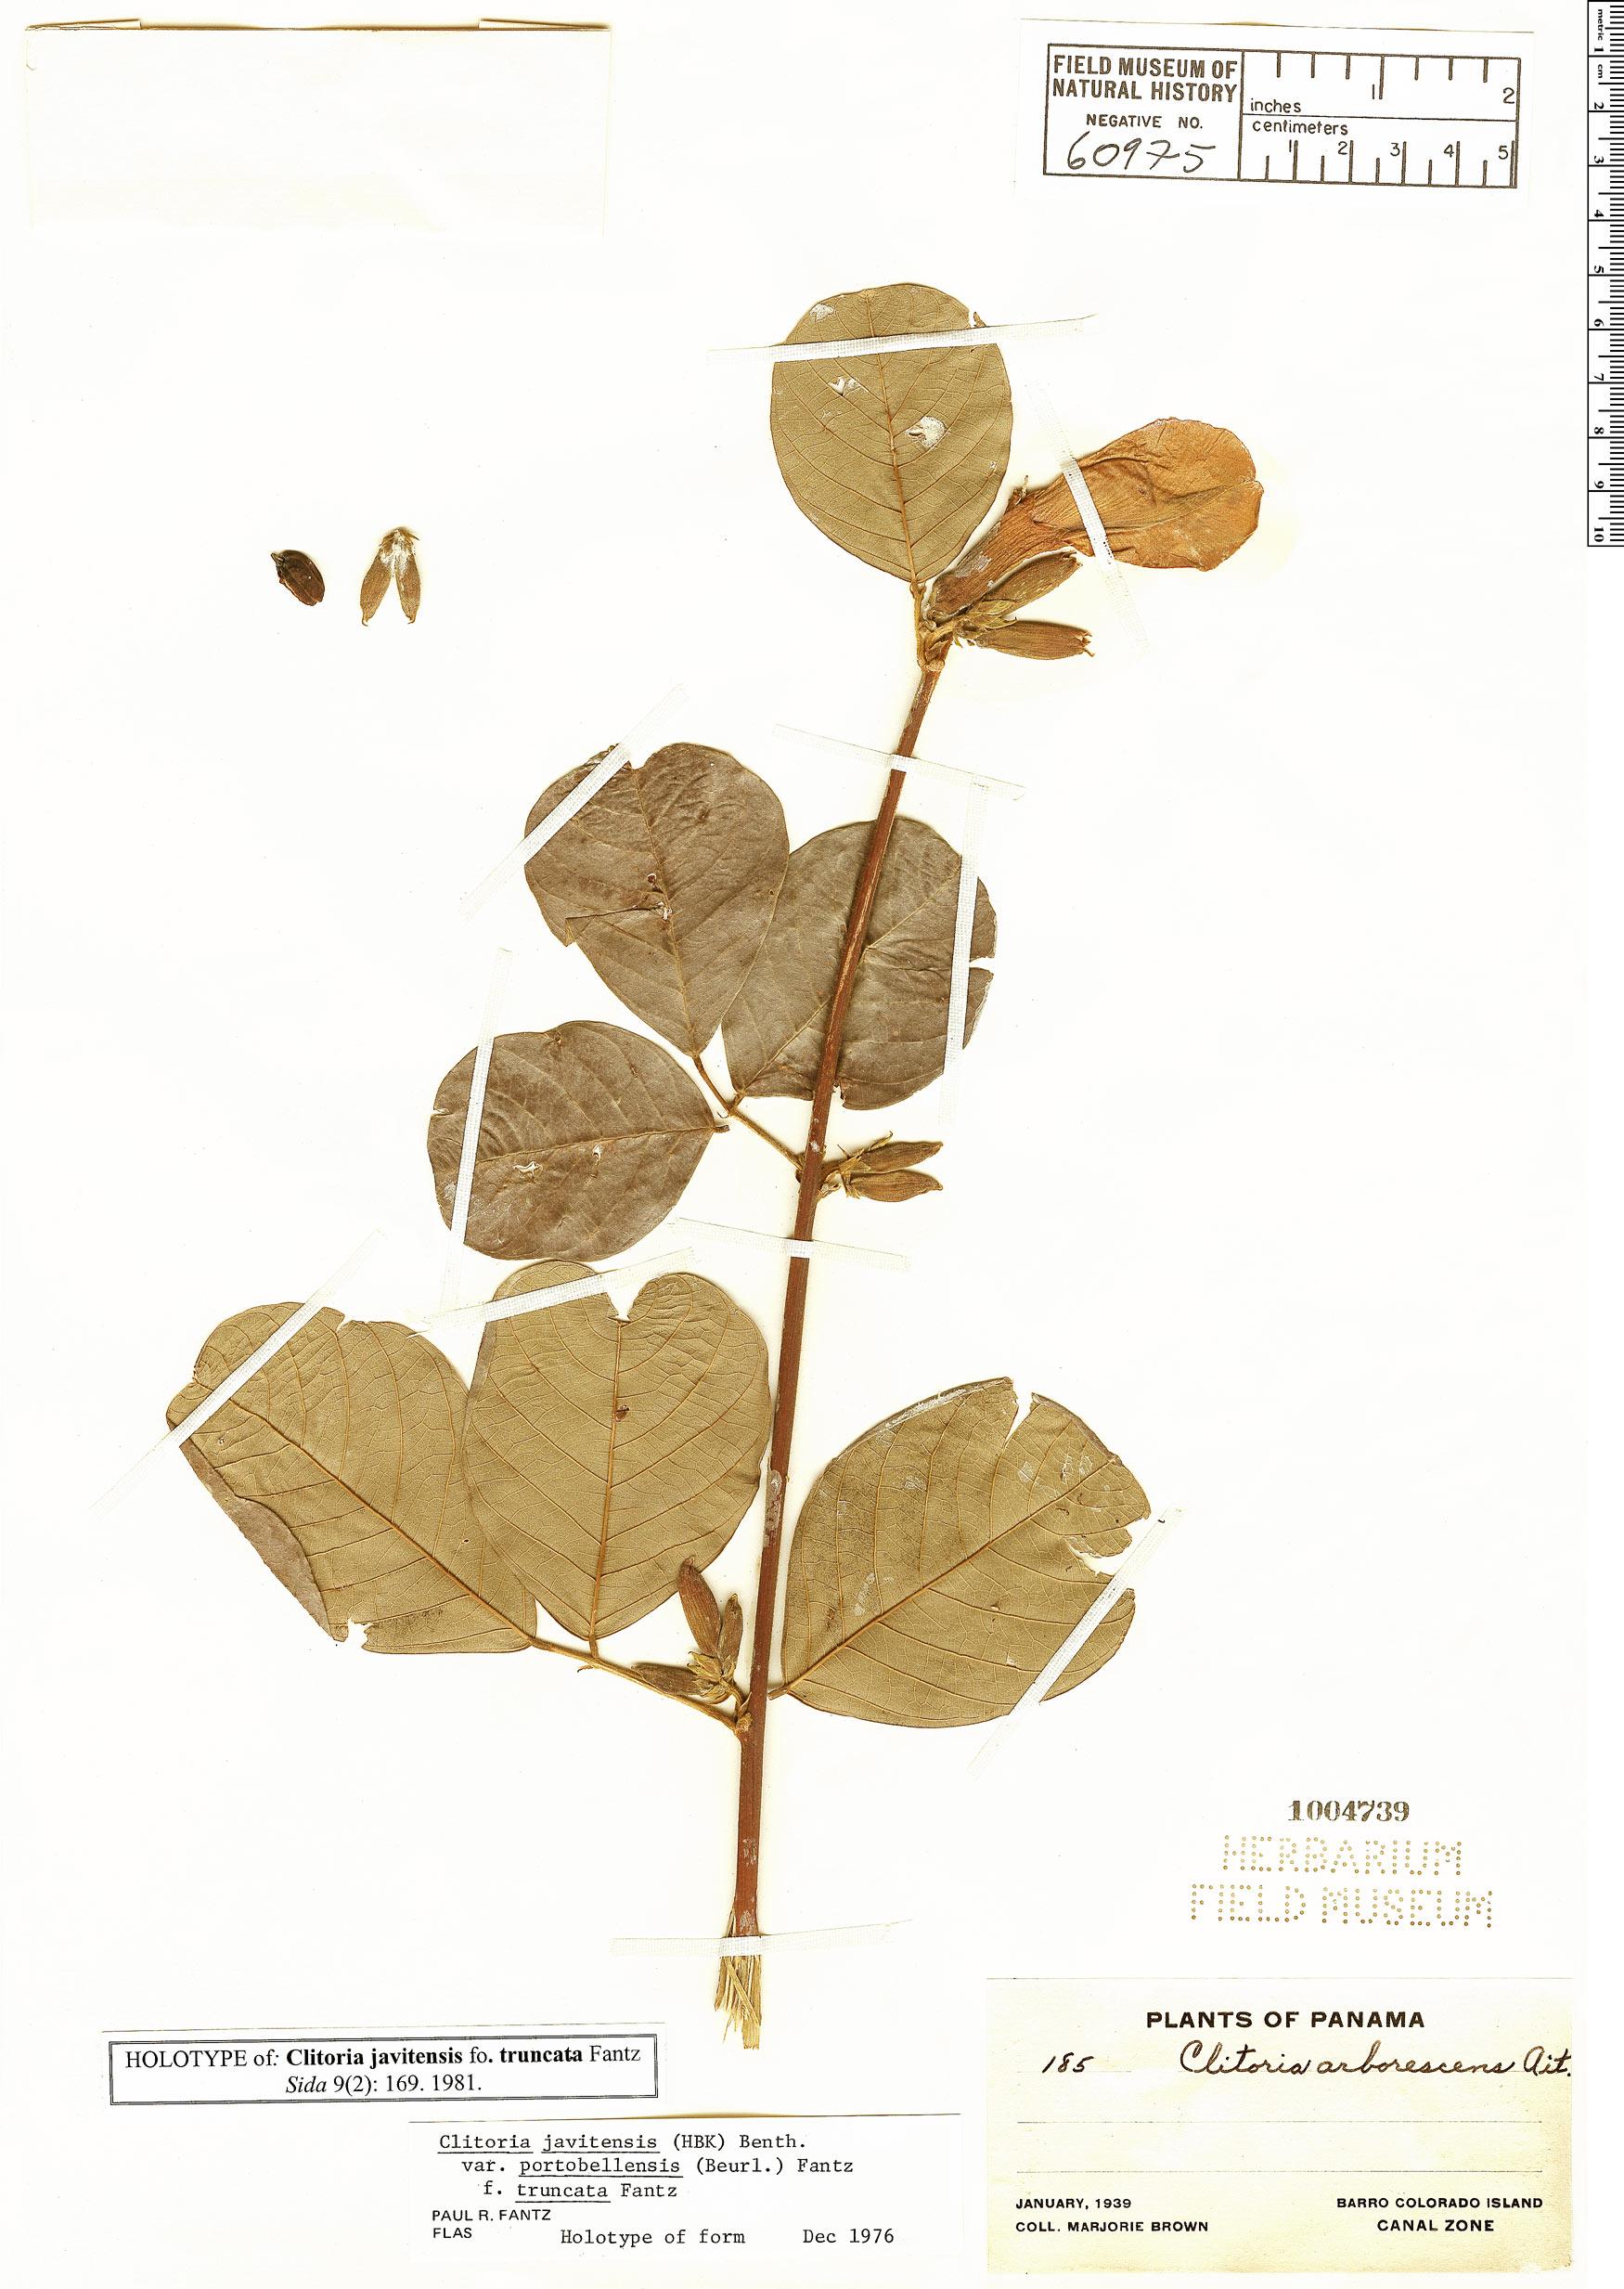 Specimen: Clitoria javitensis